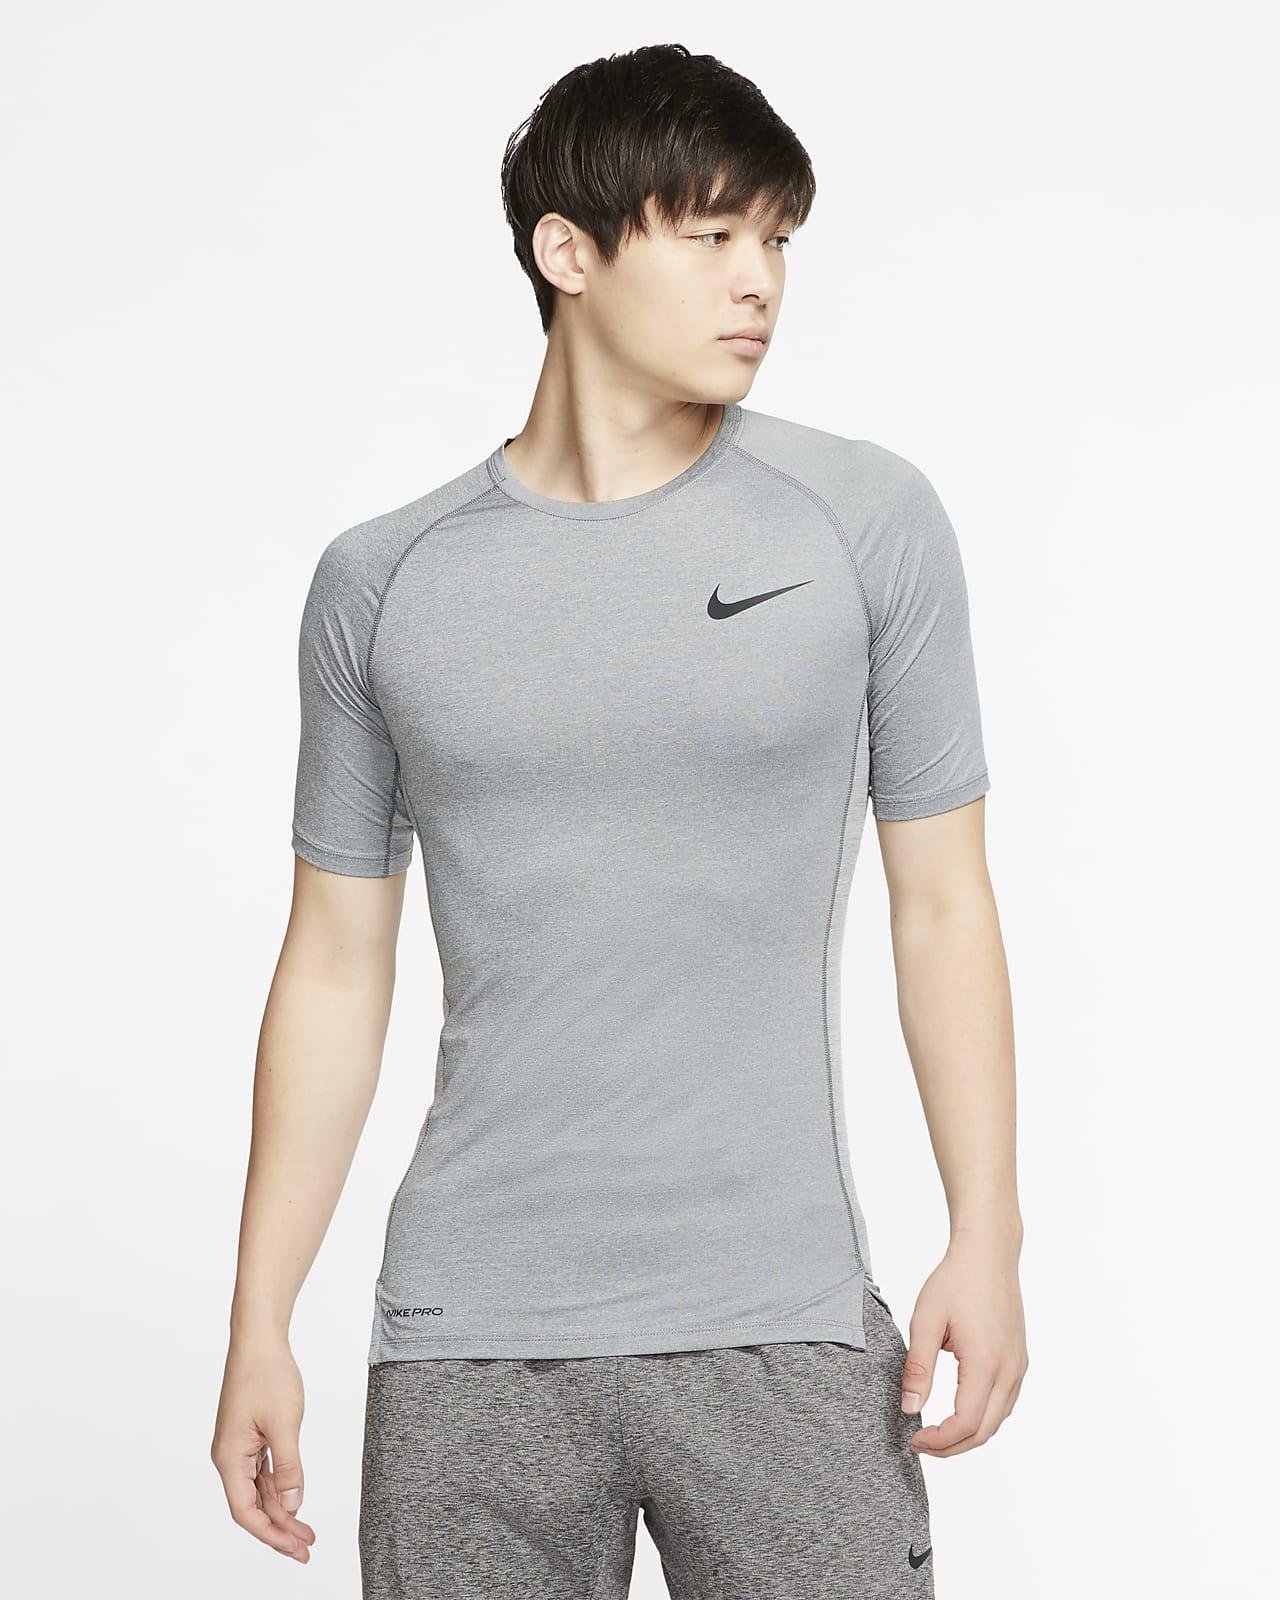 Мужская футболка с плотной посадкой и коротким рукавом Nike Pro